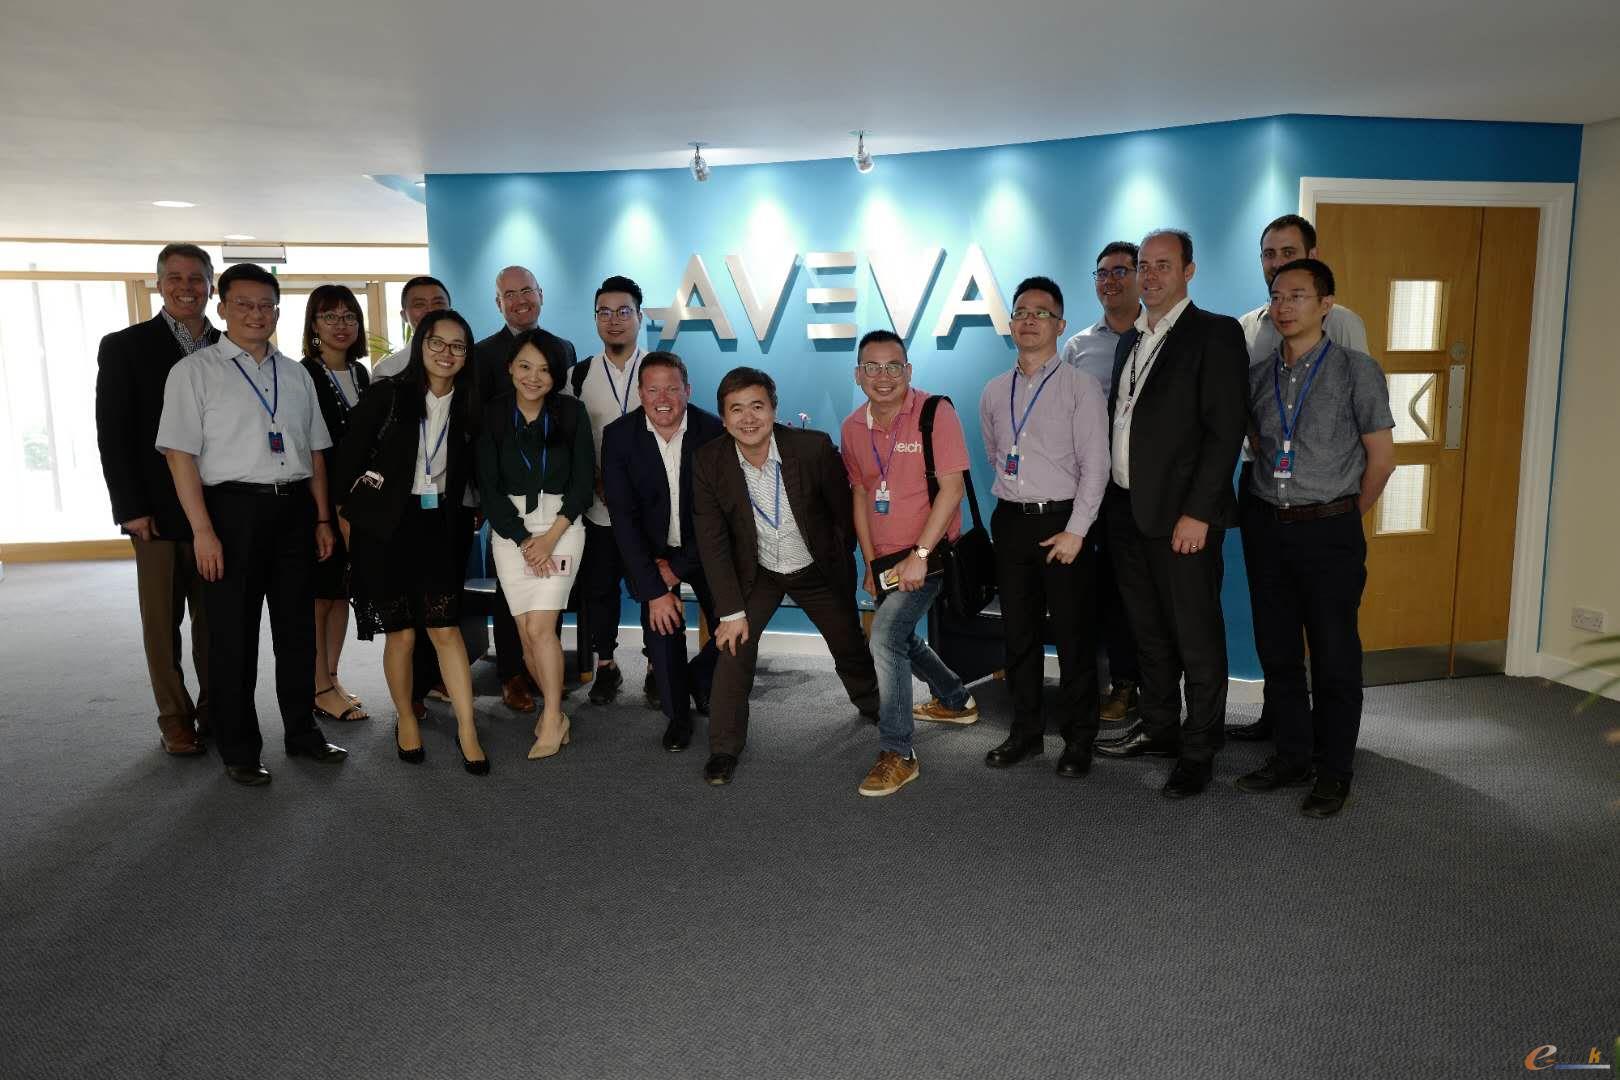 考察团成员在AVEVA公司合影